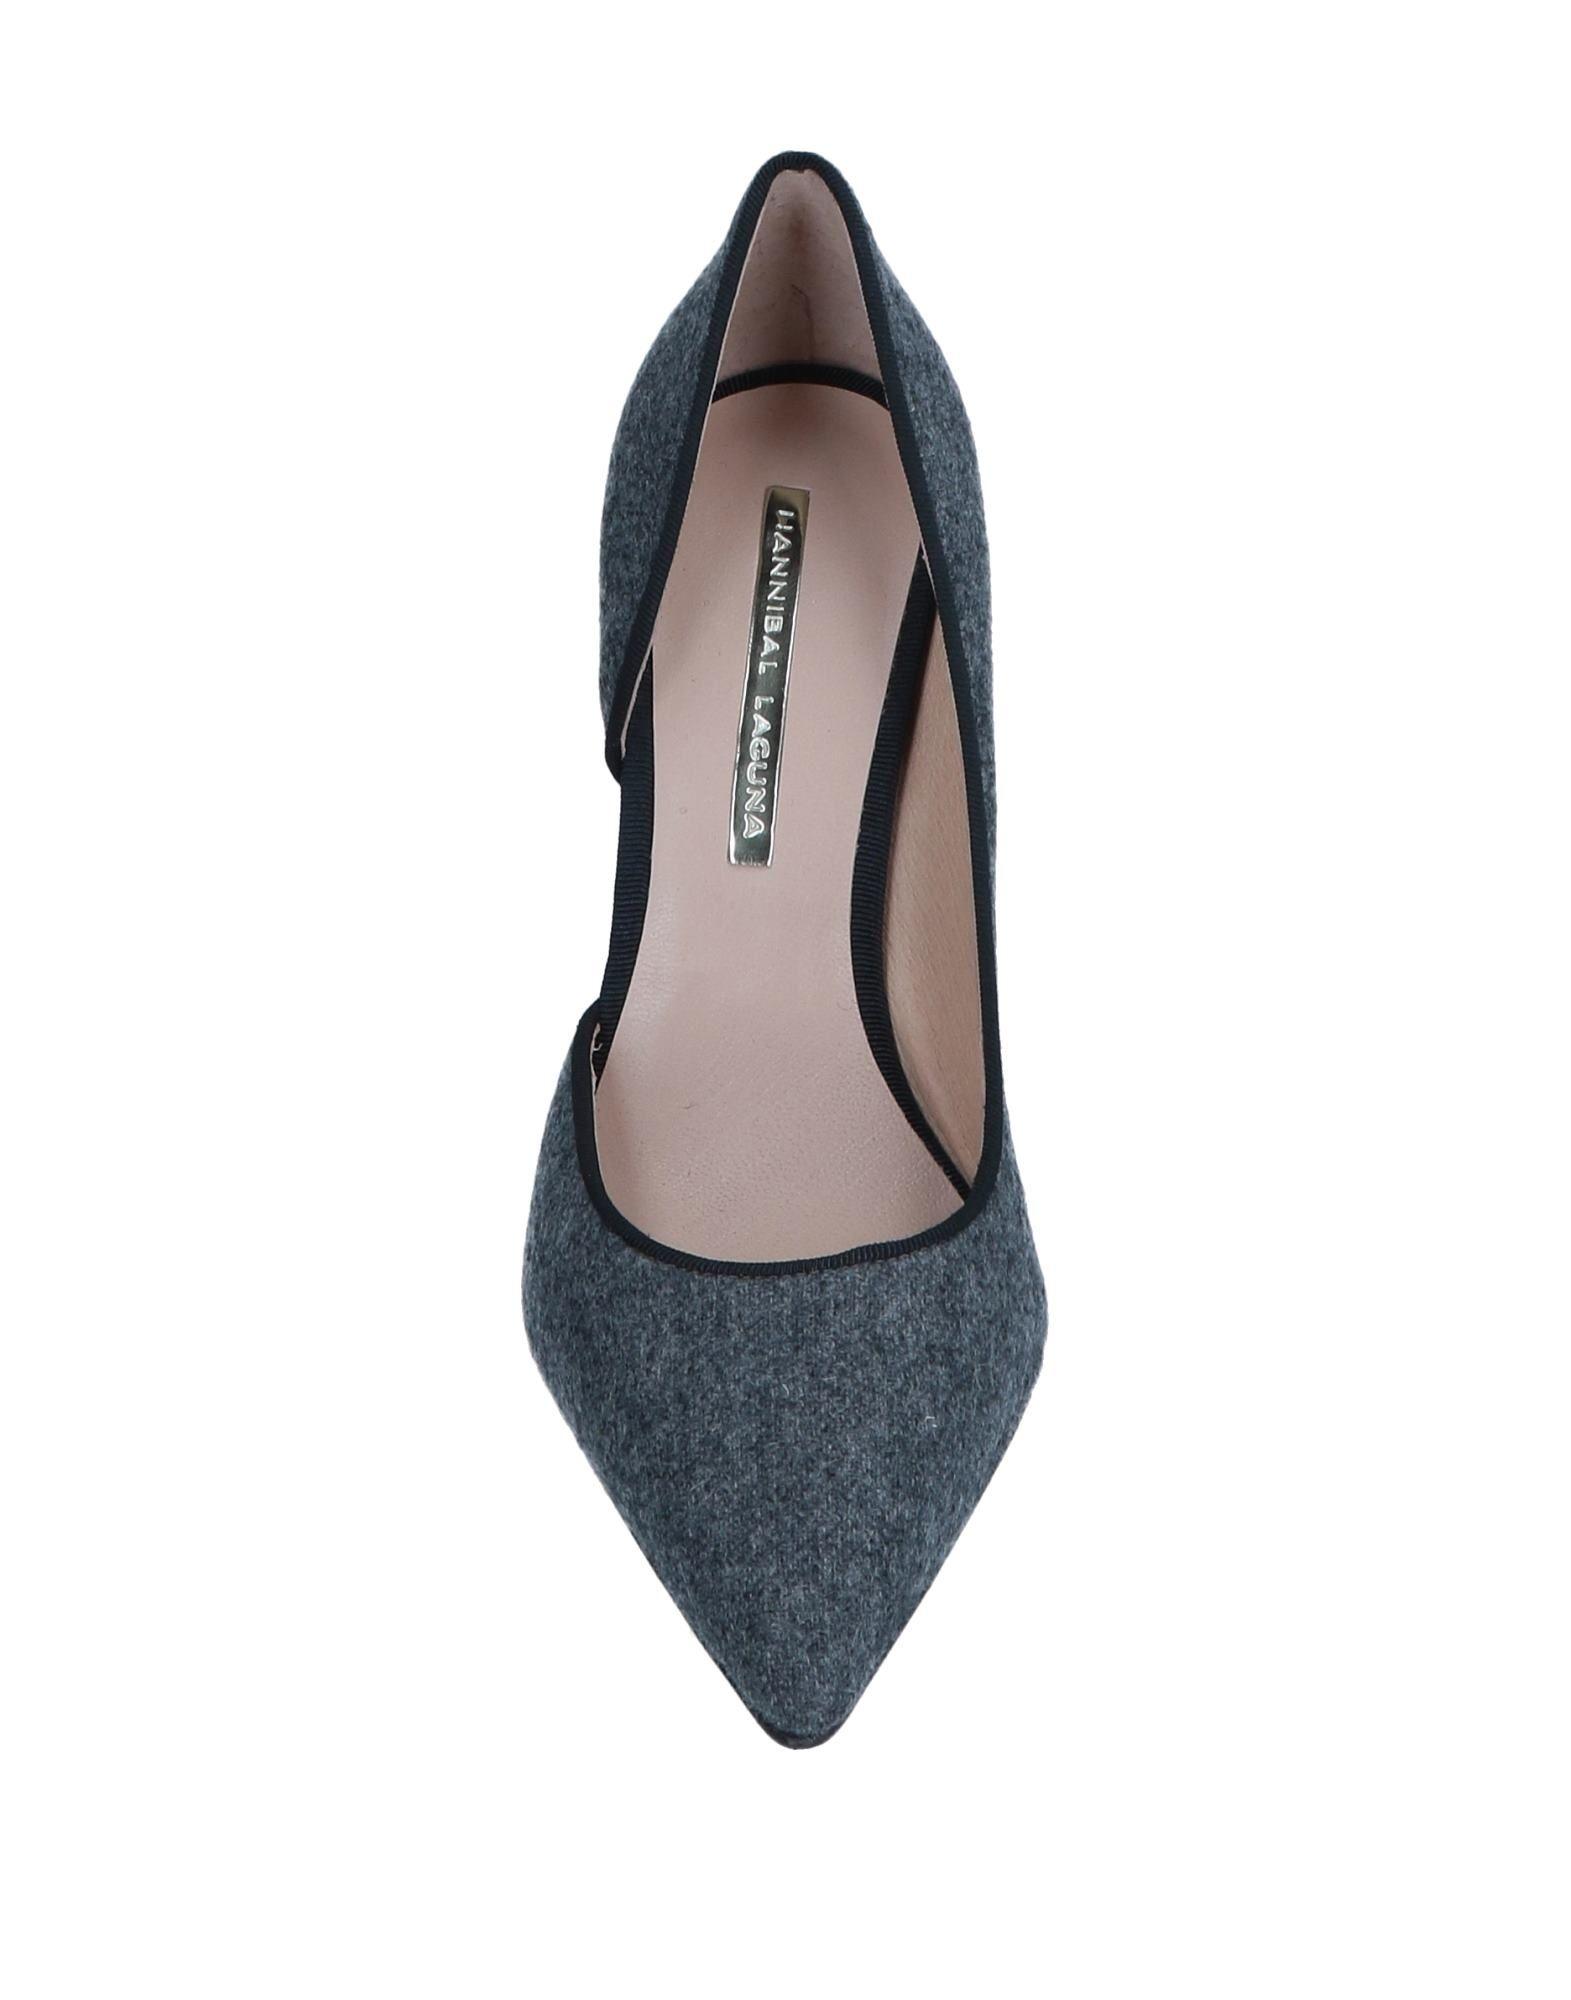 Hannibal Laguna Pumps Damen  Schuhe 11543650NR Gute Qualität beliebte Schuhe  ae016e